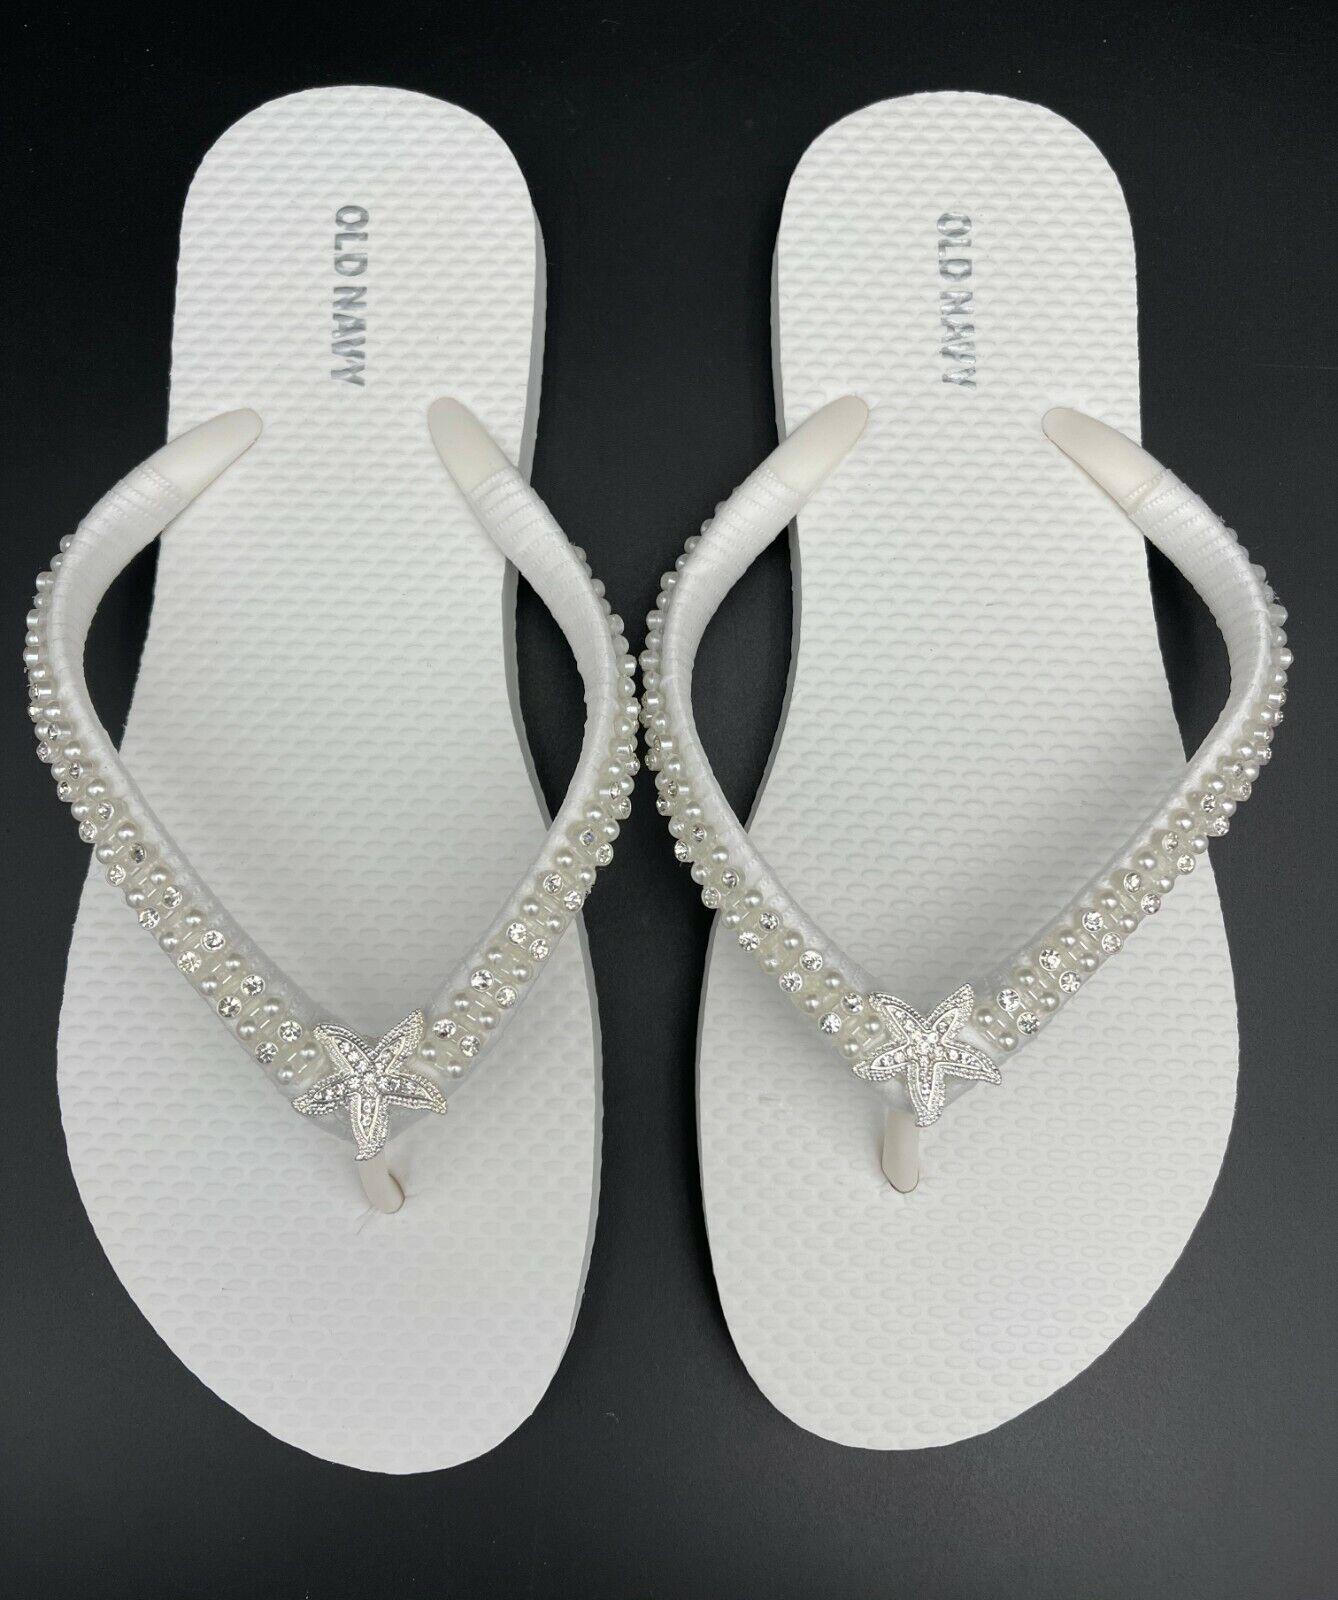 Bridal White Flip Flops Starfish Wedding Flip Flops Beach Flip Flops W SIZE 10